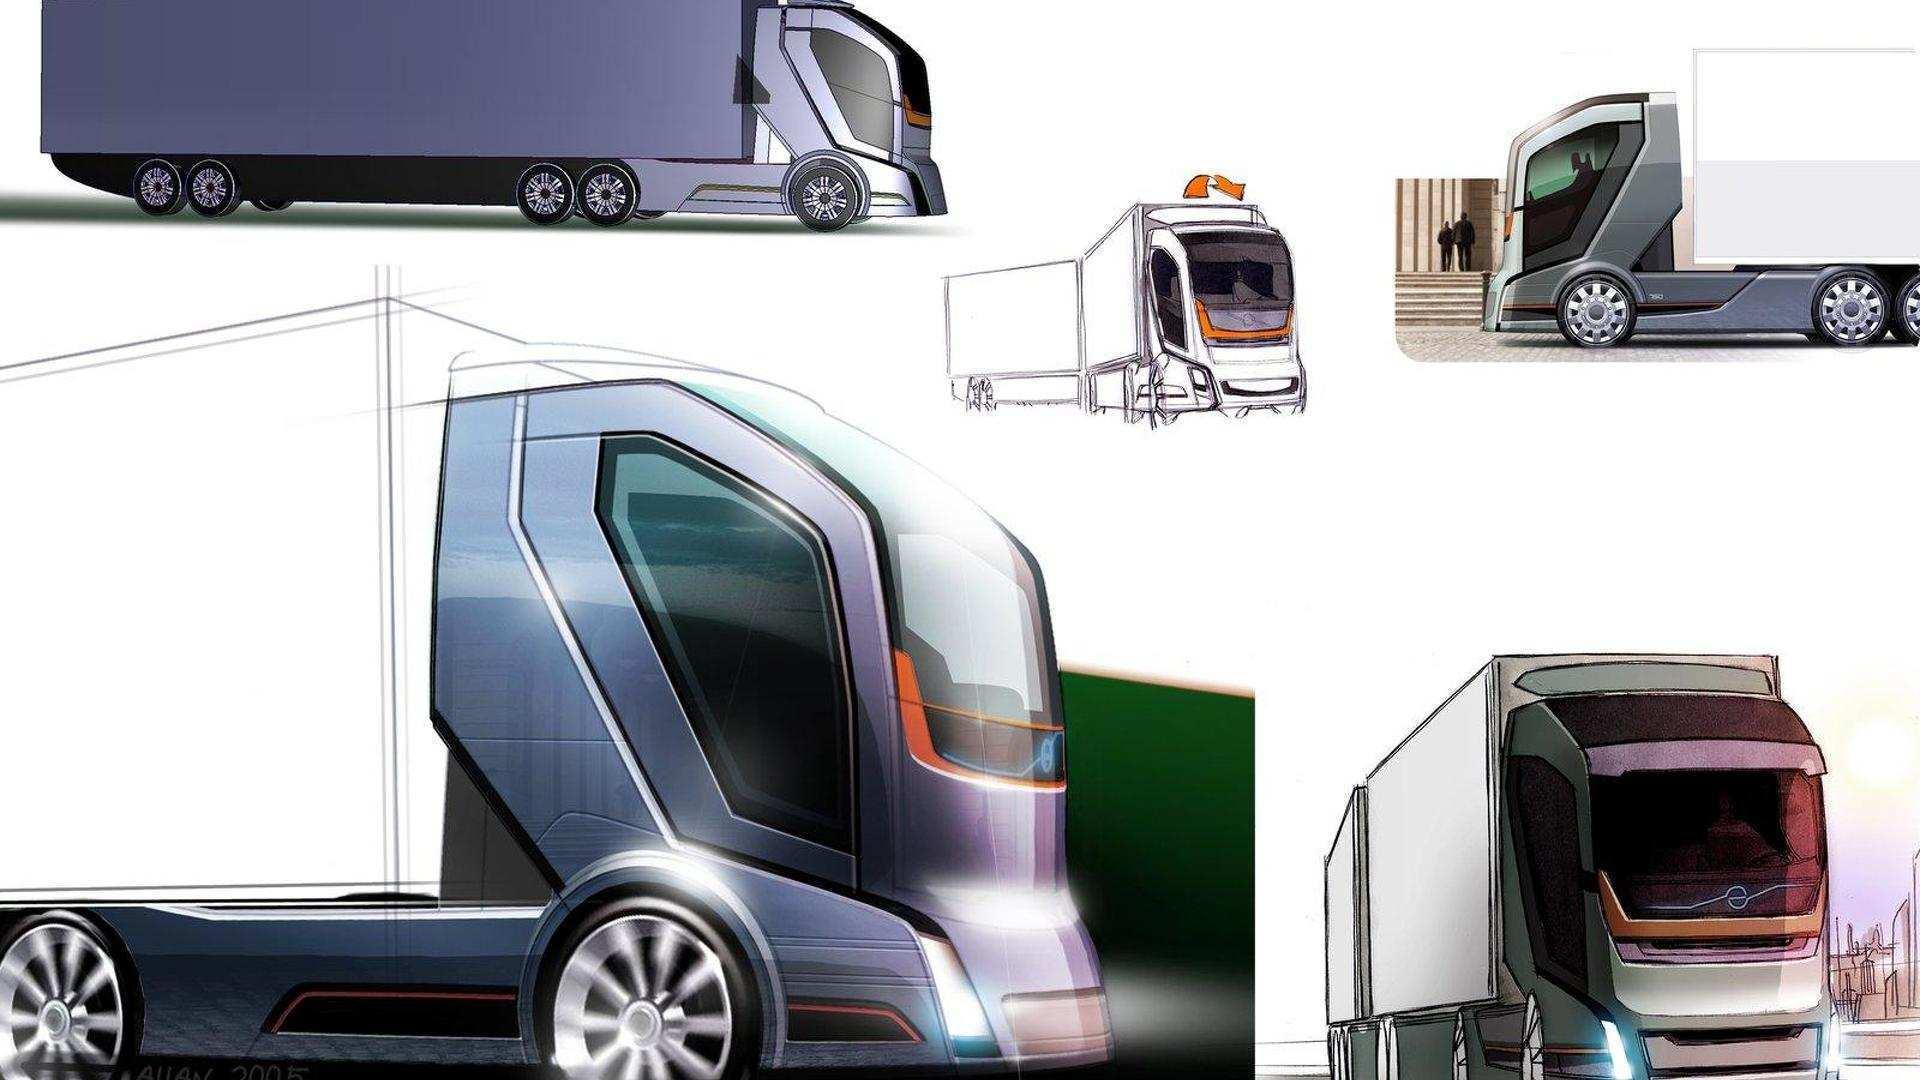 61 All New Volvo Trucks 2020 Style by Volvo Trucks 2020